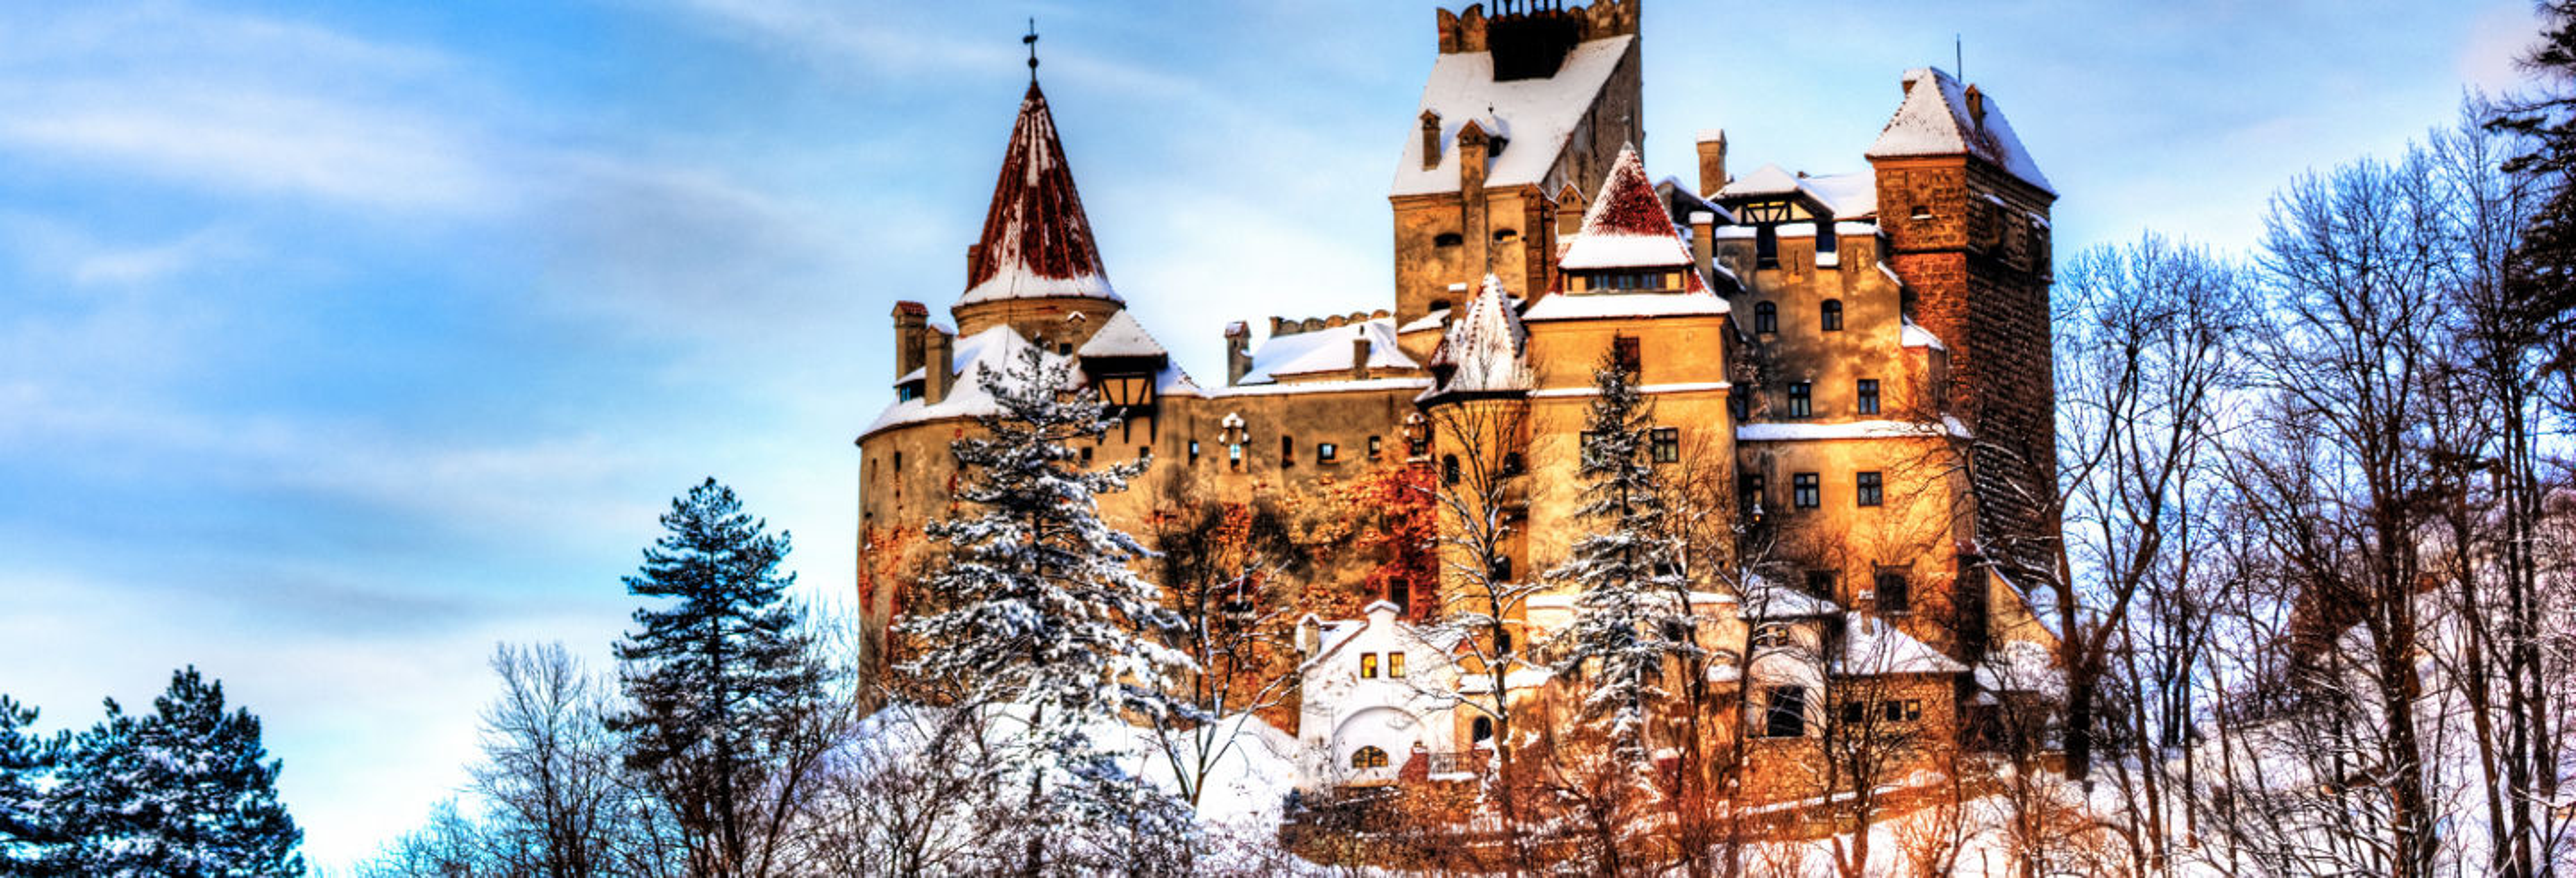 Dracula's Castle and Rasnov Citadel Tour